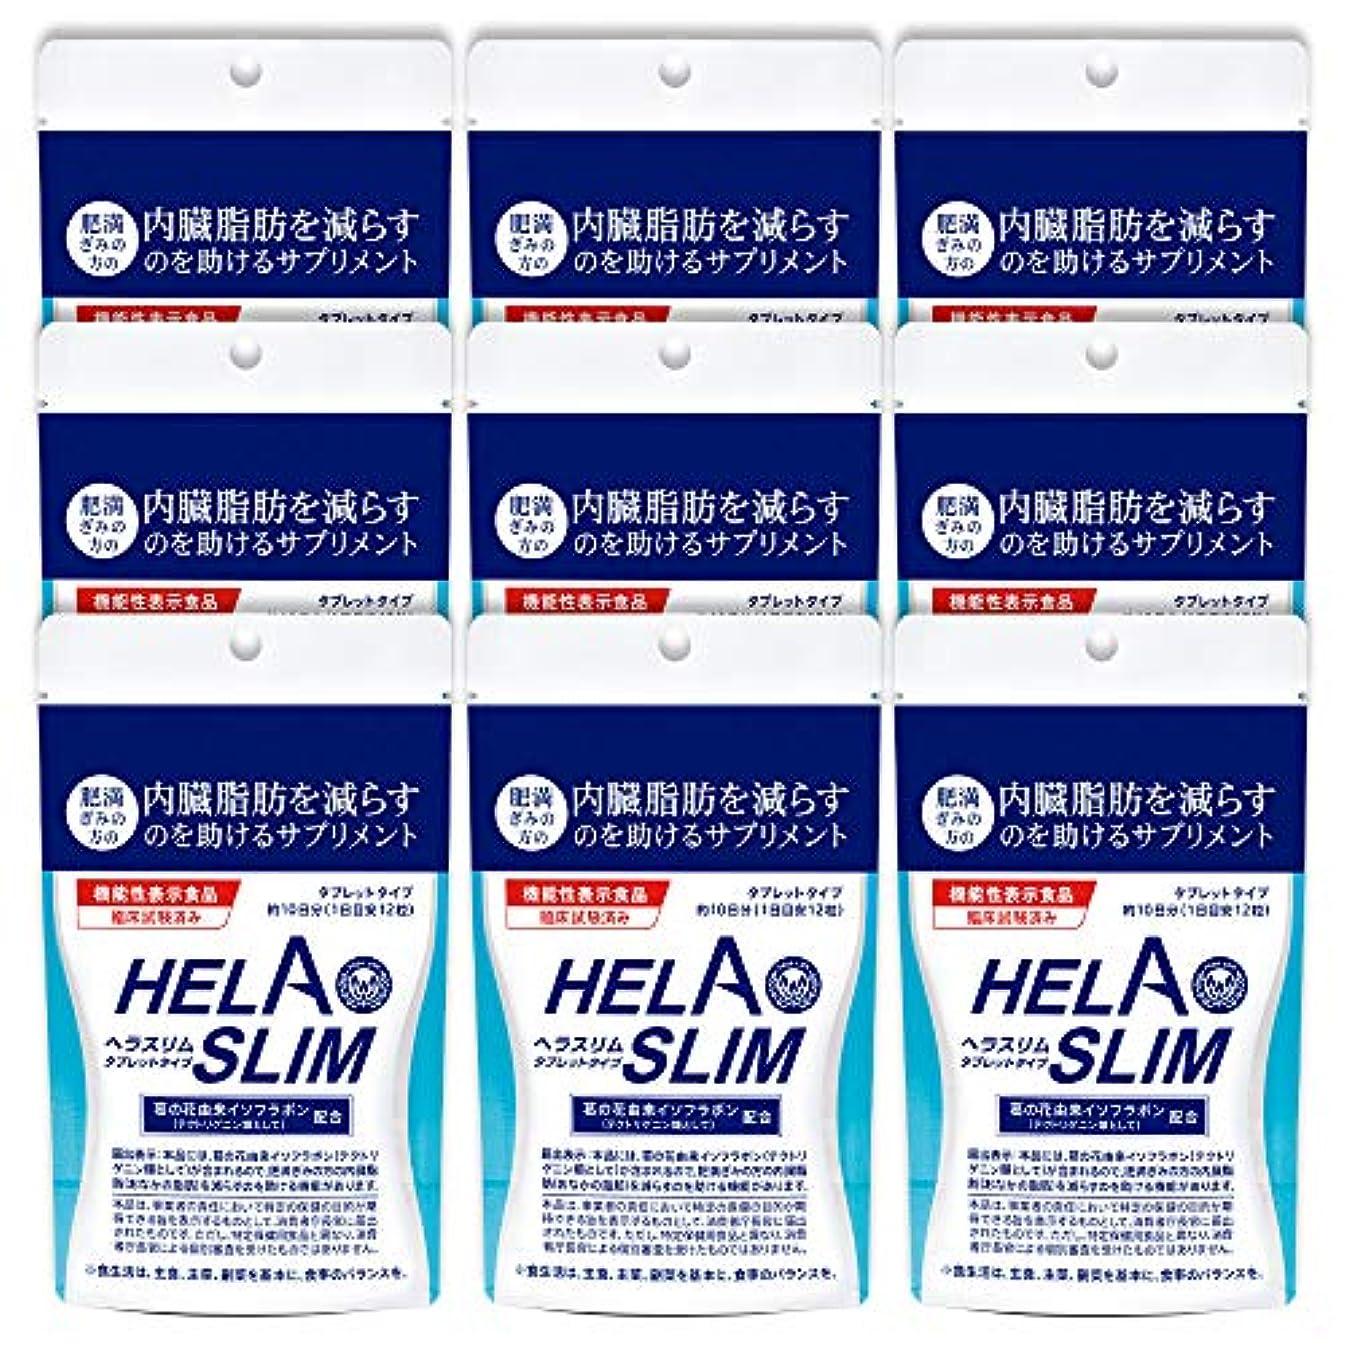 細胞ブロックする正義【9袋セット】HELASLIM(120粒入り)アルミパック